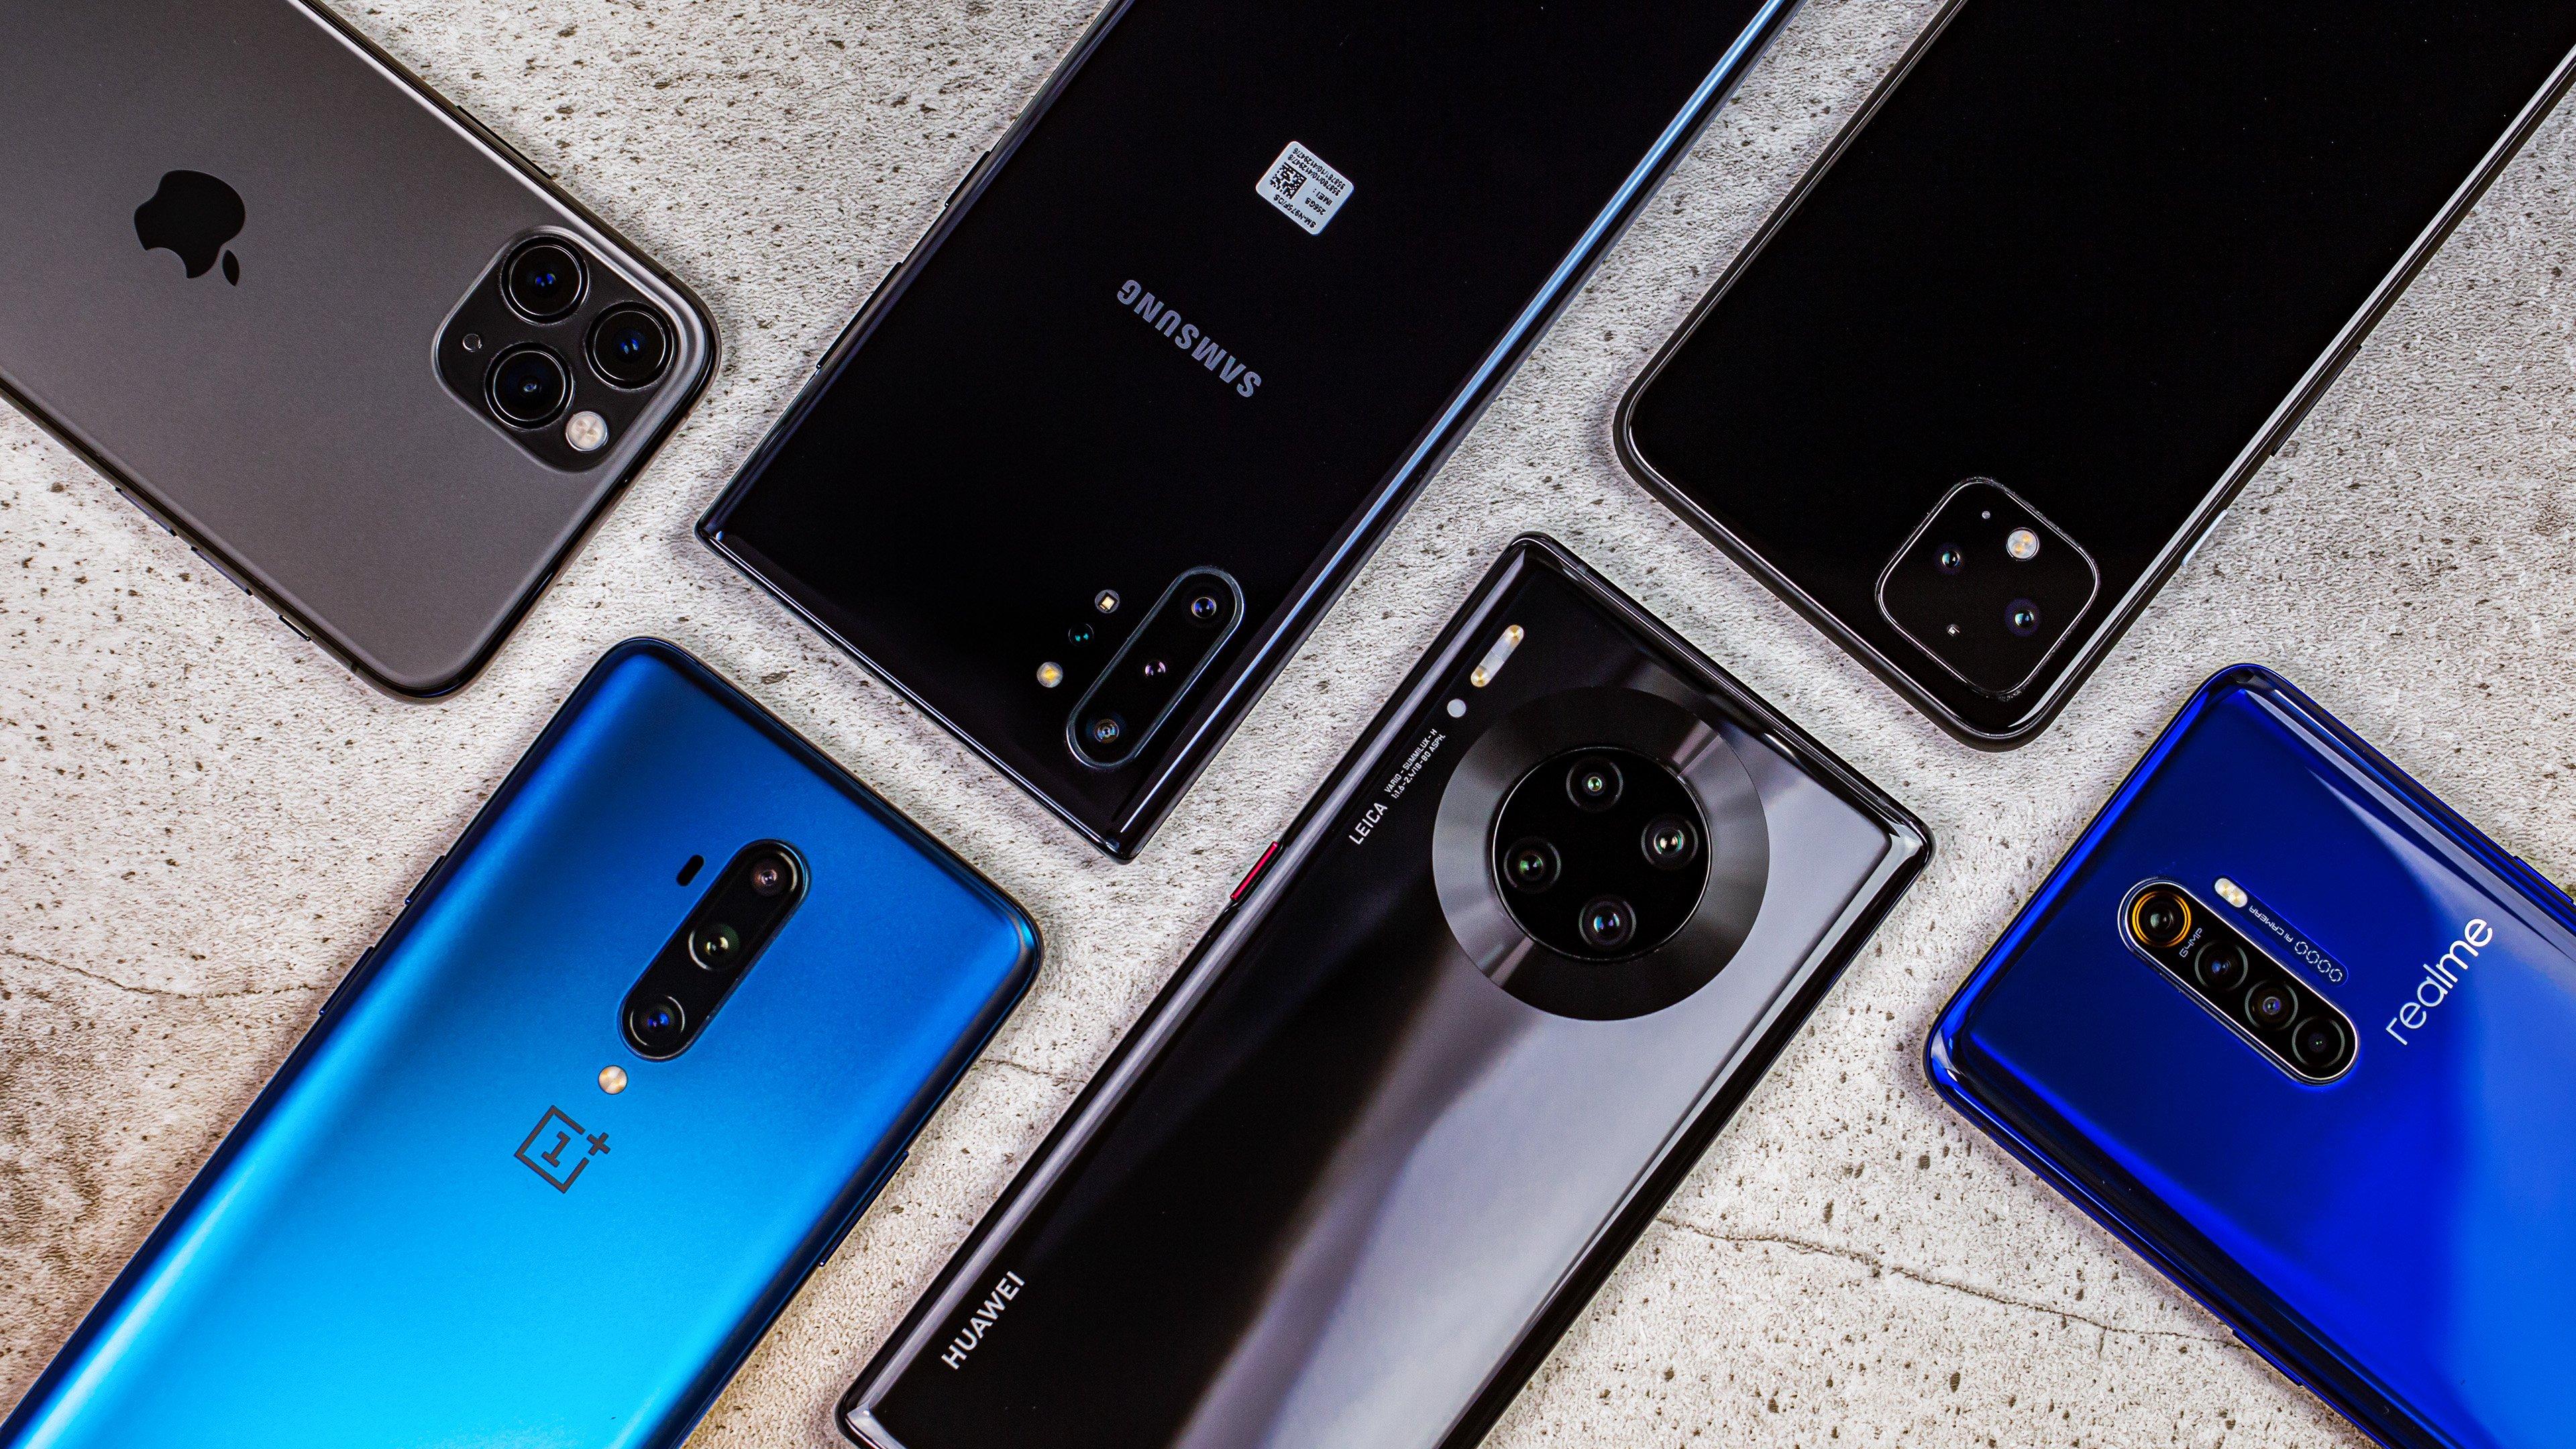 """Résultat de recherche d'images pour """"smartphone caméra 2019"""""""